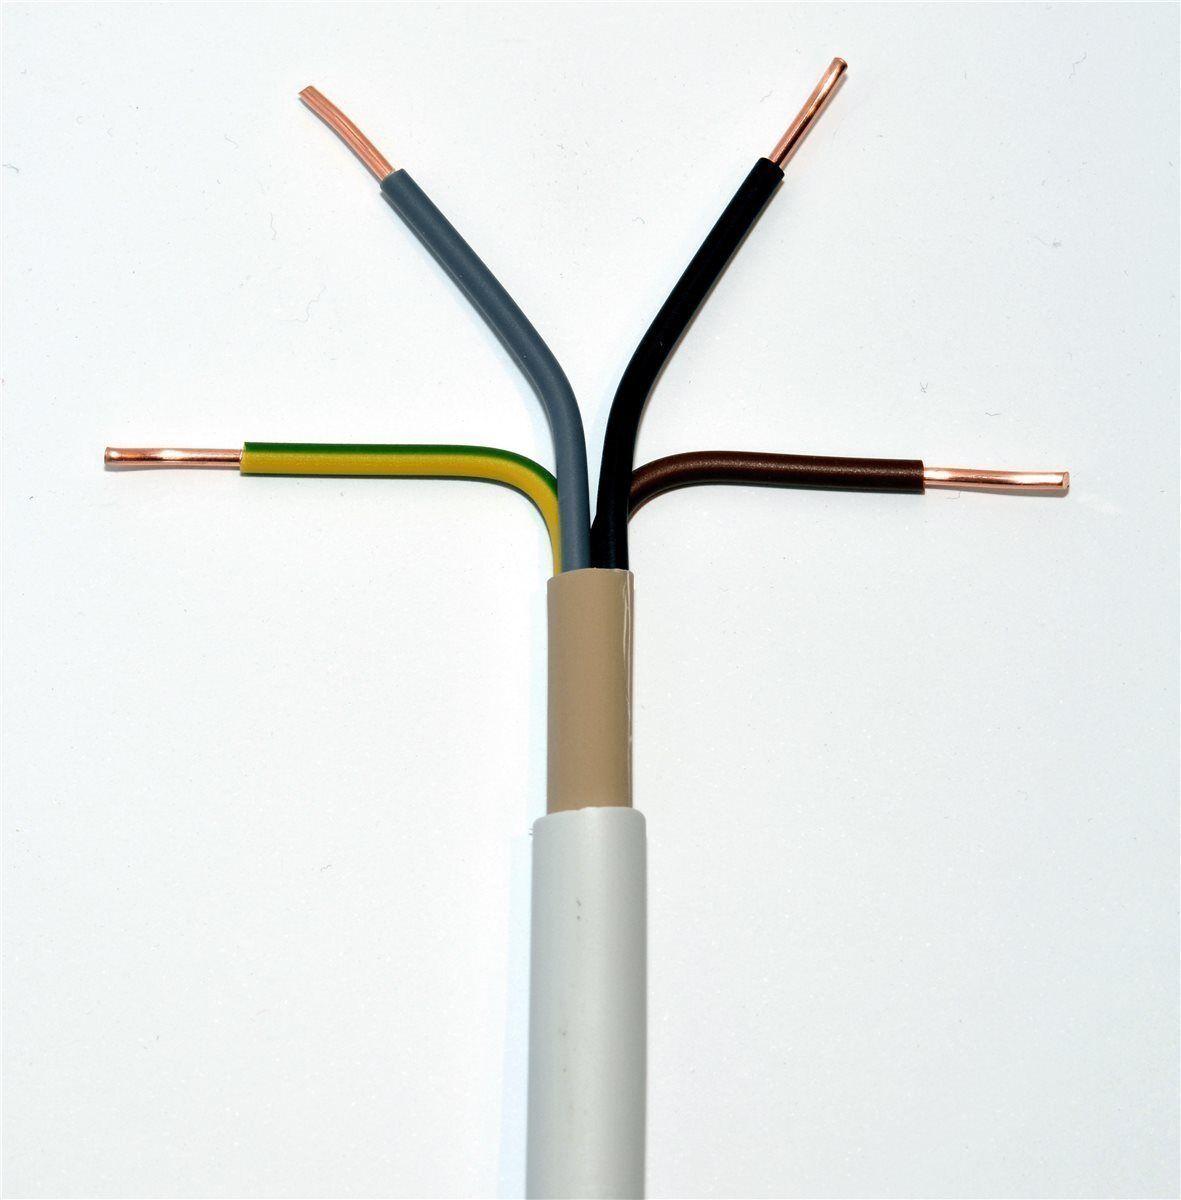 100m NYM-J 4x10 mm² Mantelleitung grau Installationsleitung Feuchtraumleitung